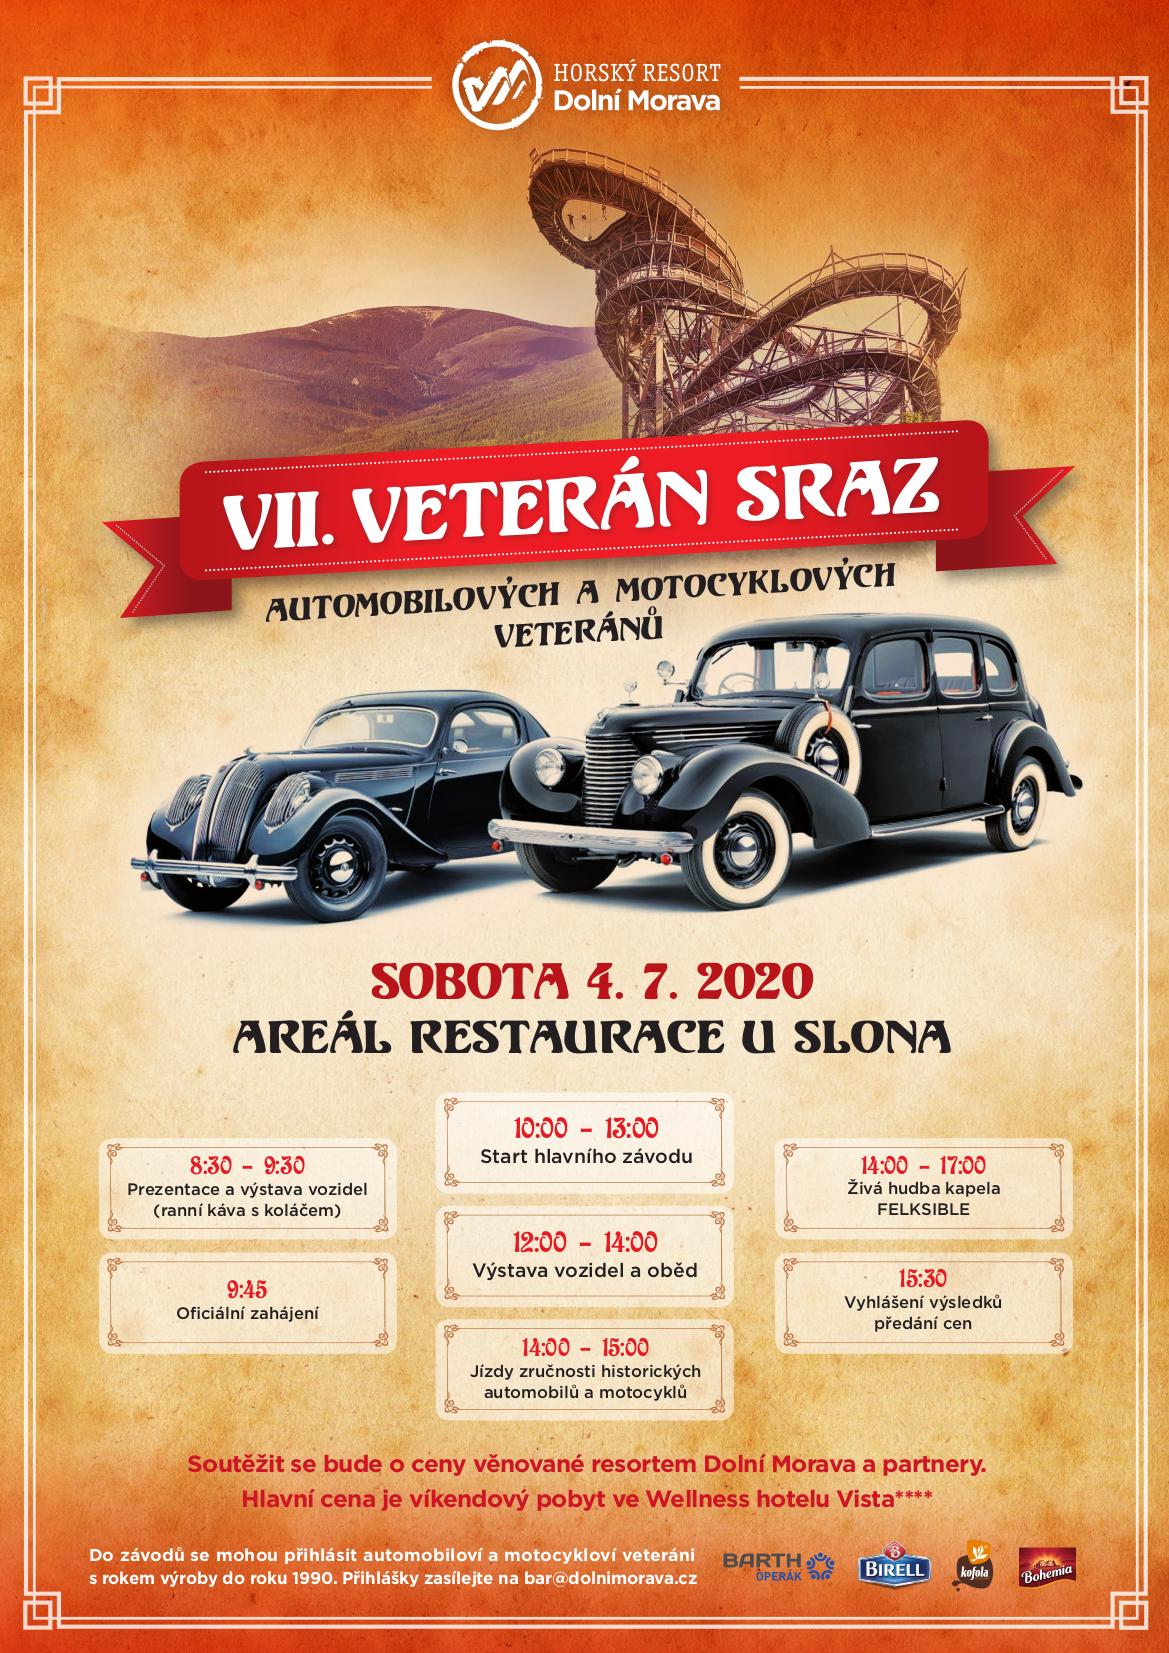 A3_Veteran sraz